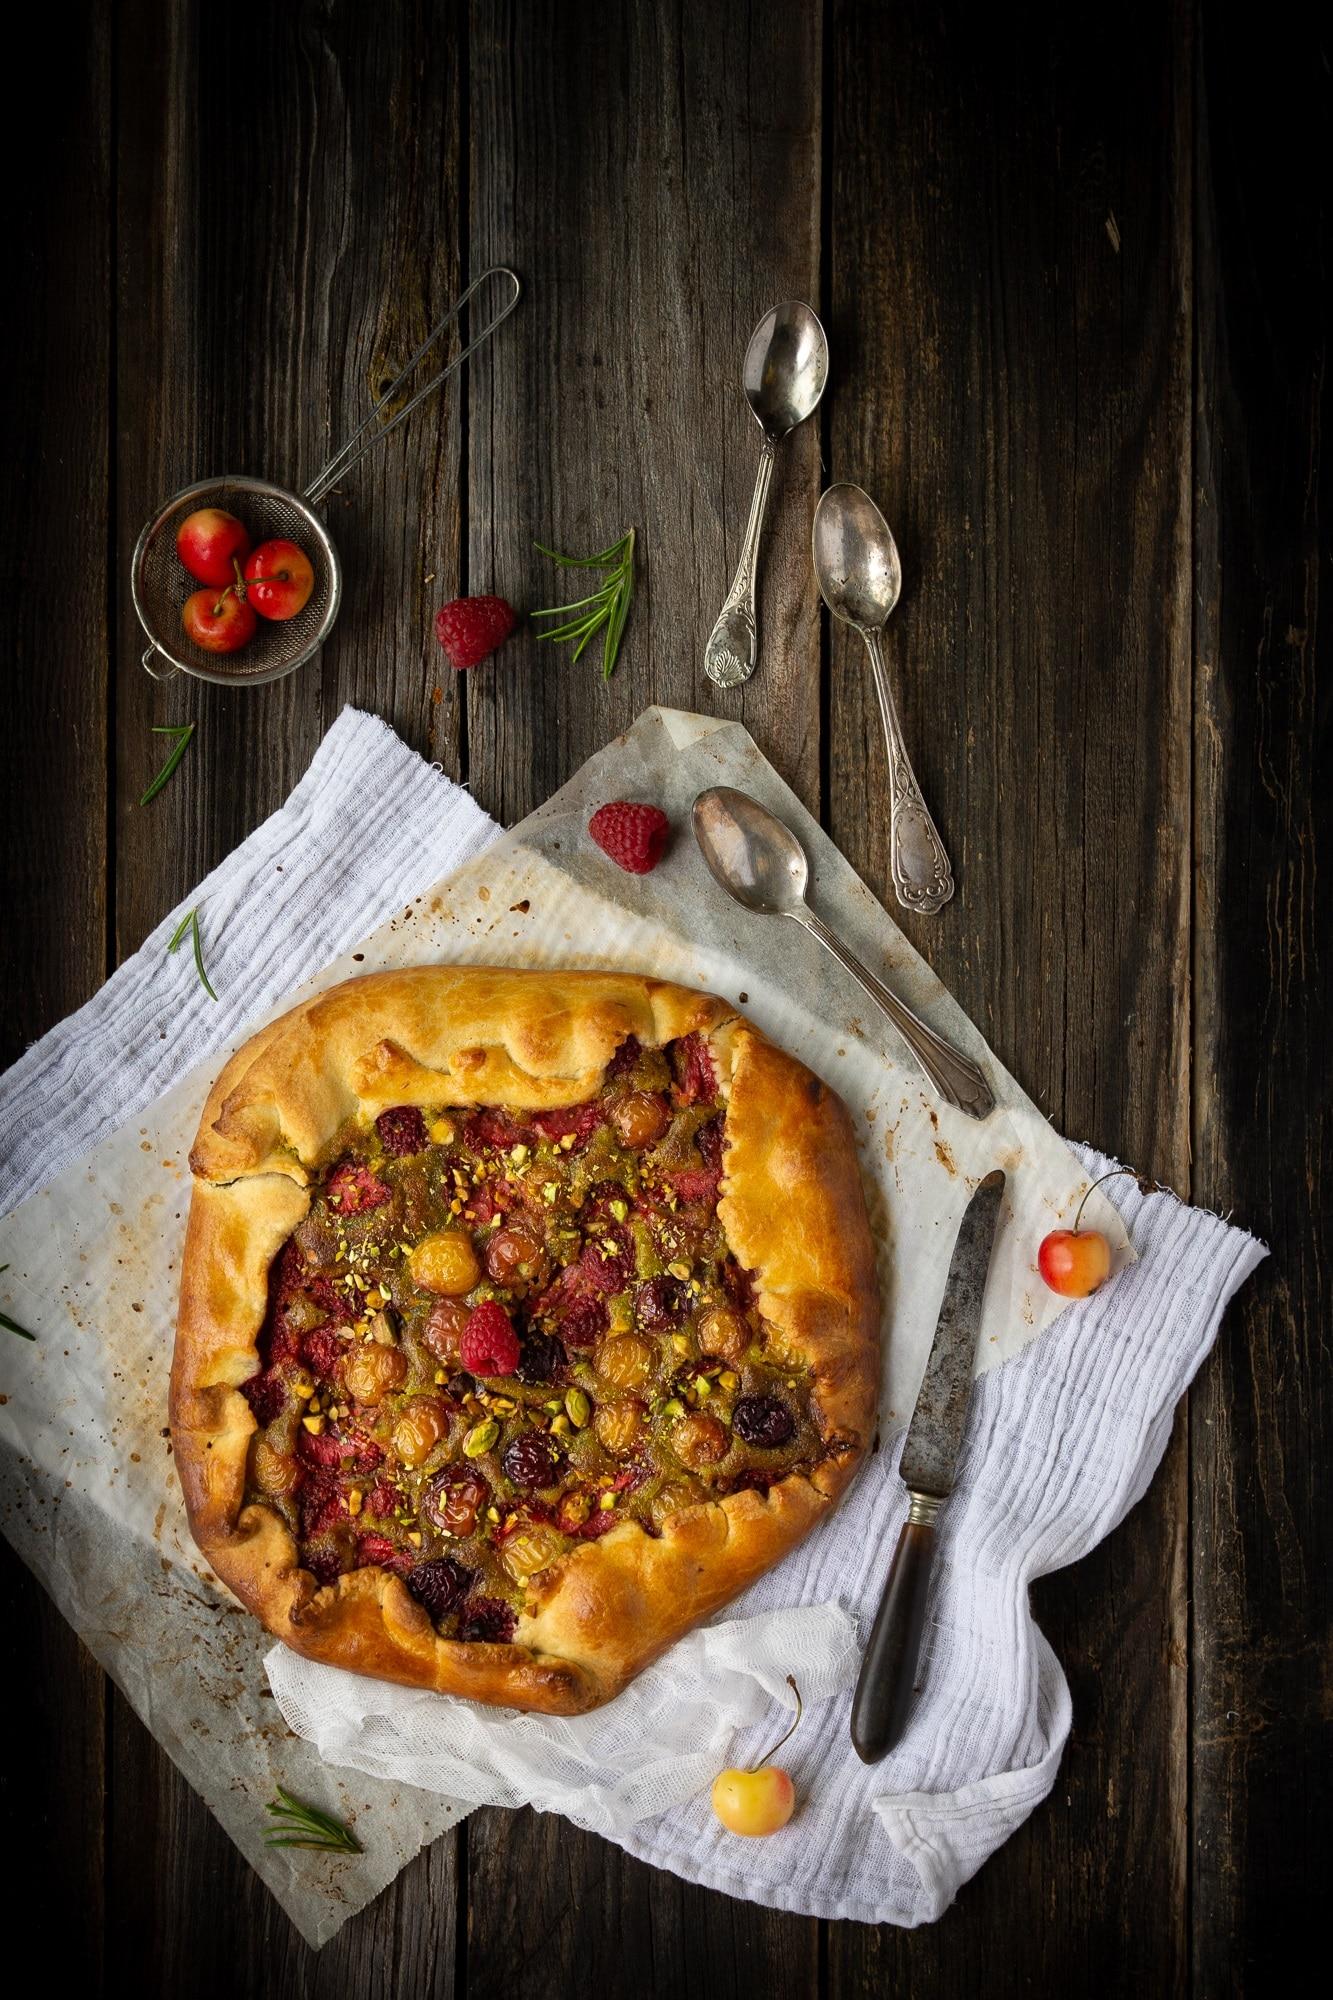 Une recette de tarte rustique aux fruits rouges (fraises, cerises, framboises) avec une crème de pistache -- par Confit Banane